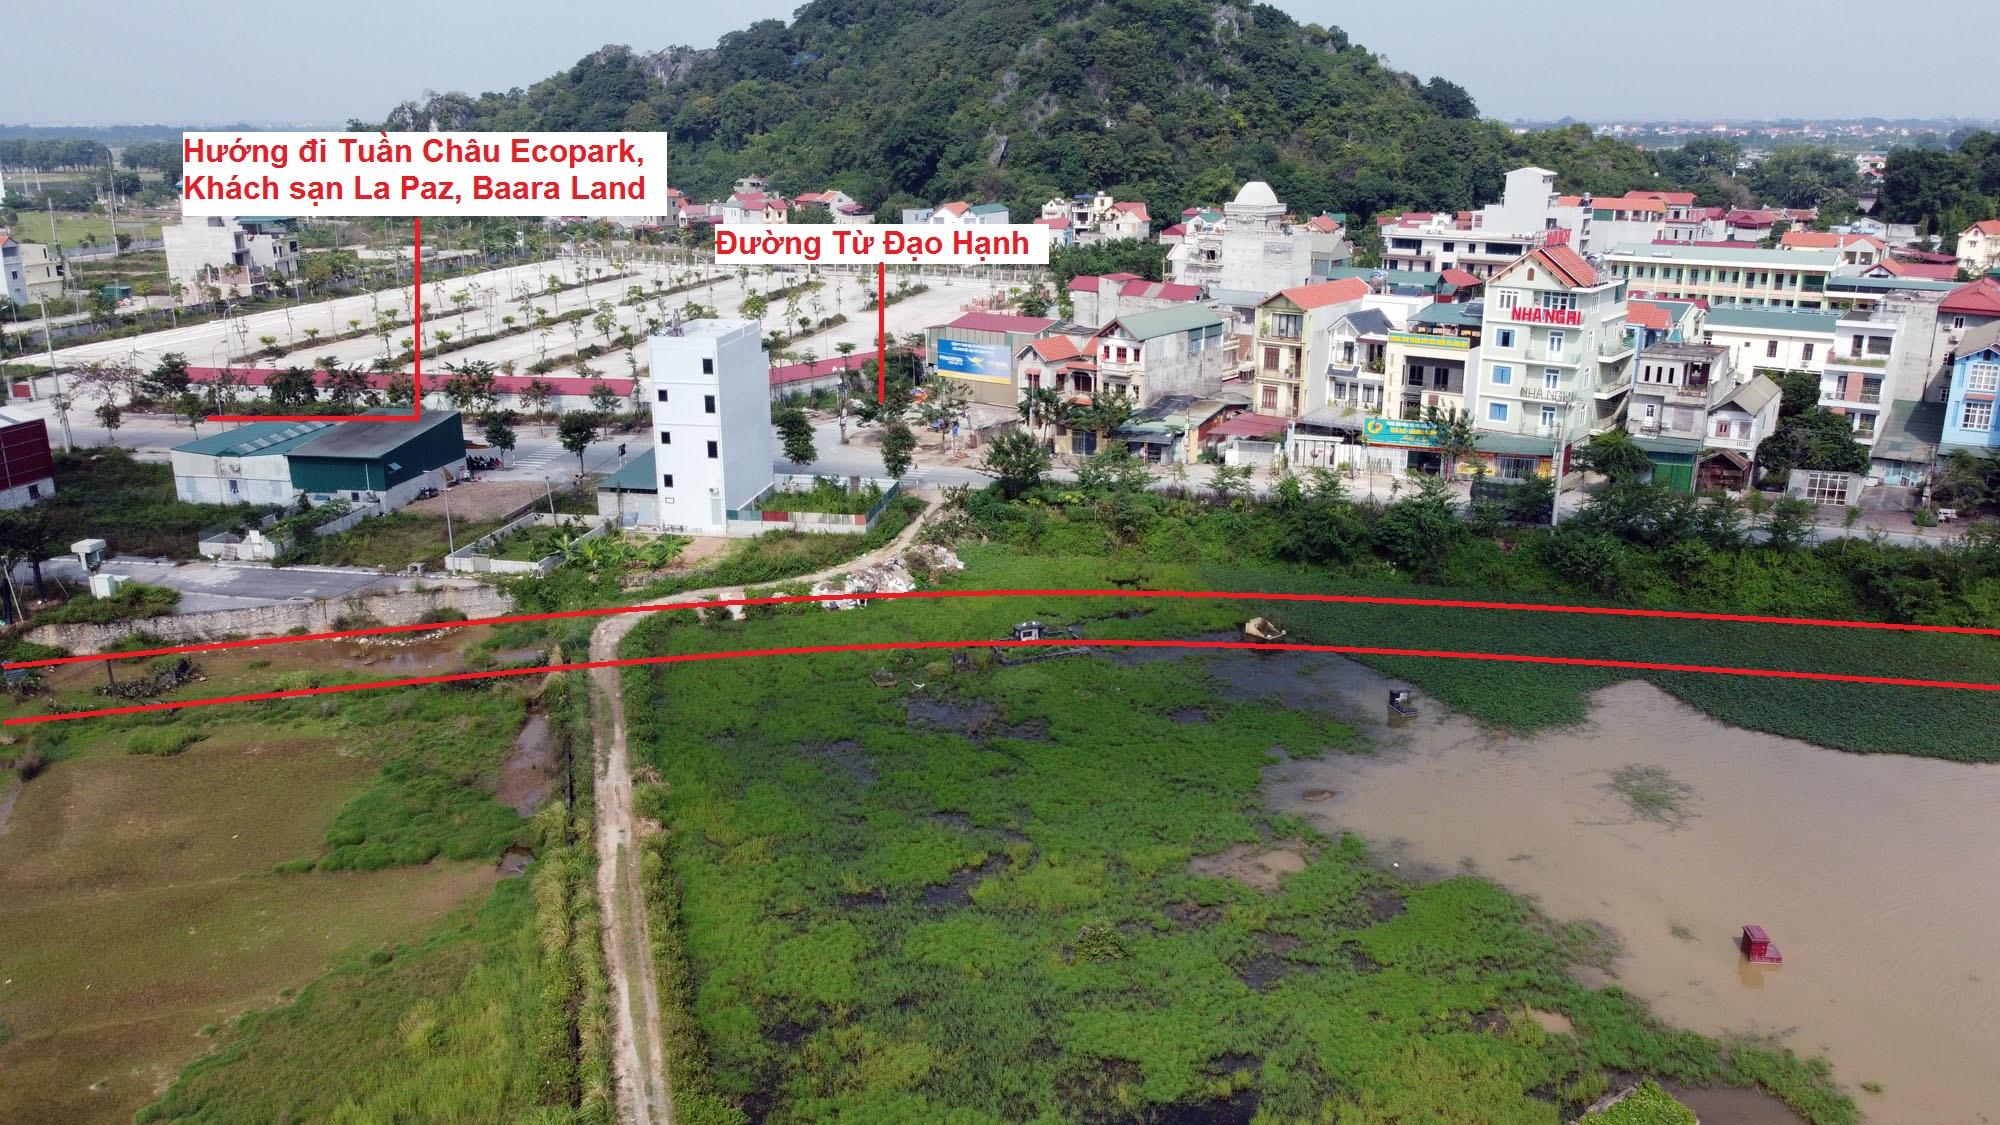 Ba đường sẽ mở theo qui hoạch ở xã Sài Sơn, Quốc Oai, Hà Nội - Ảnh 4.